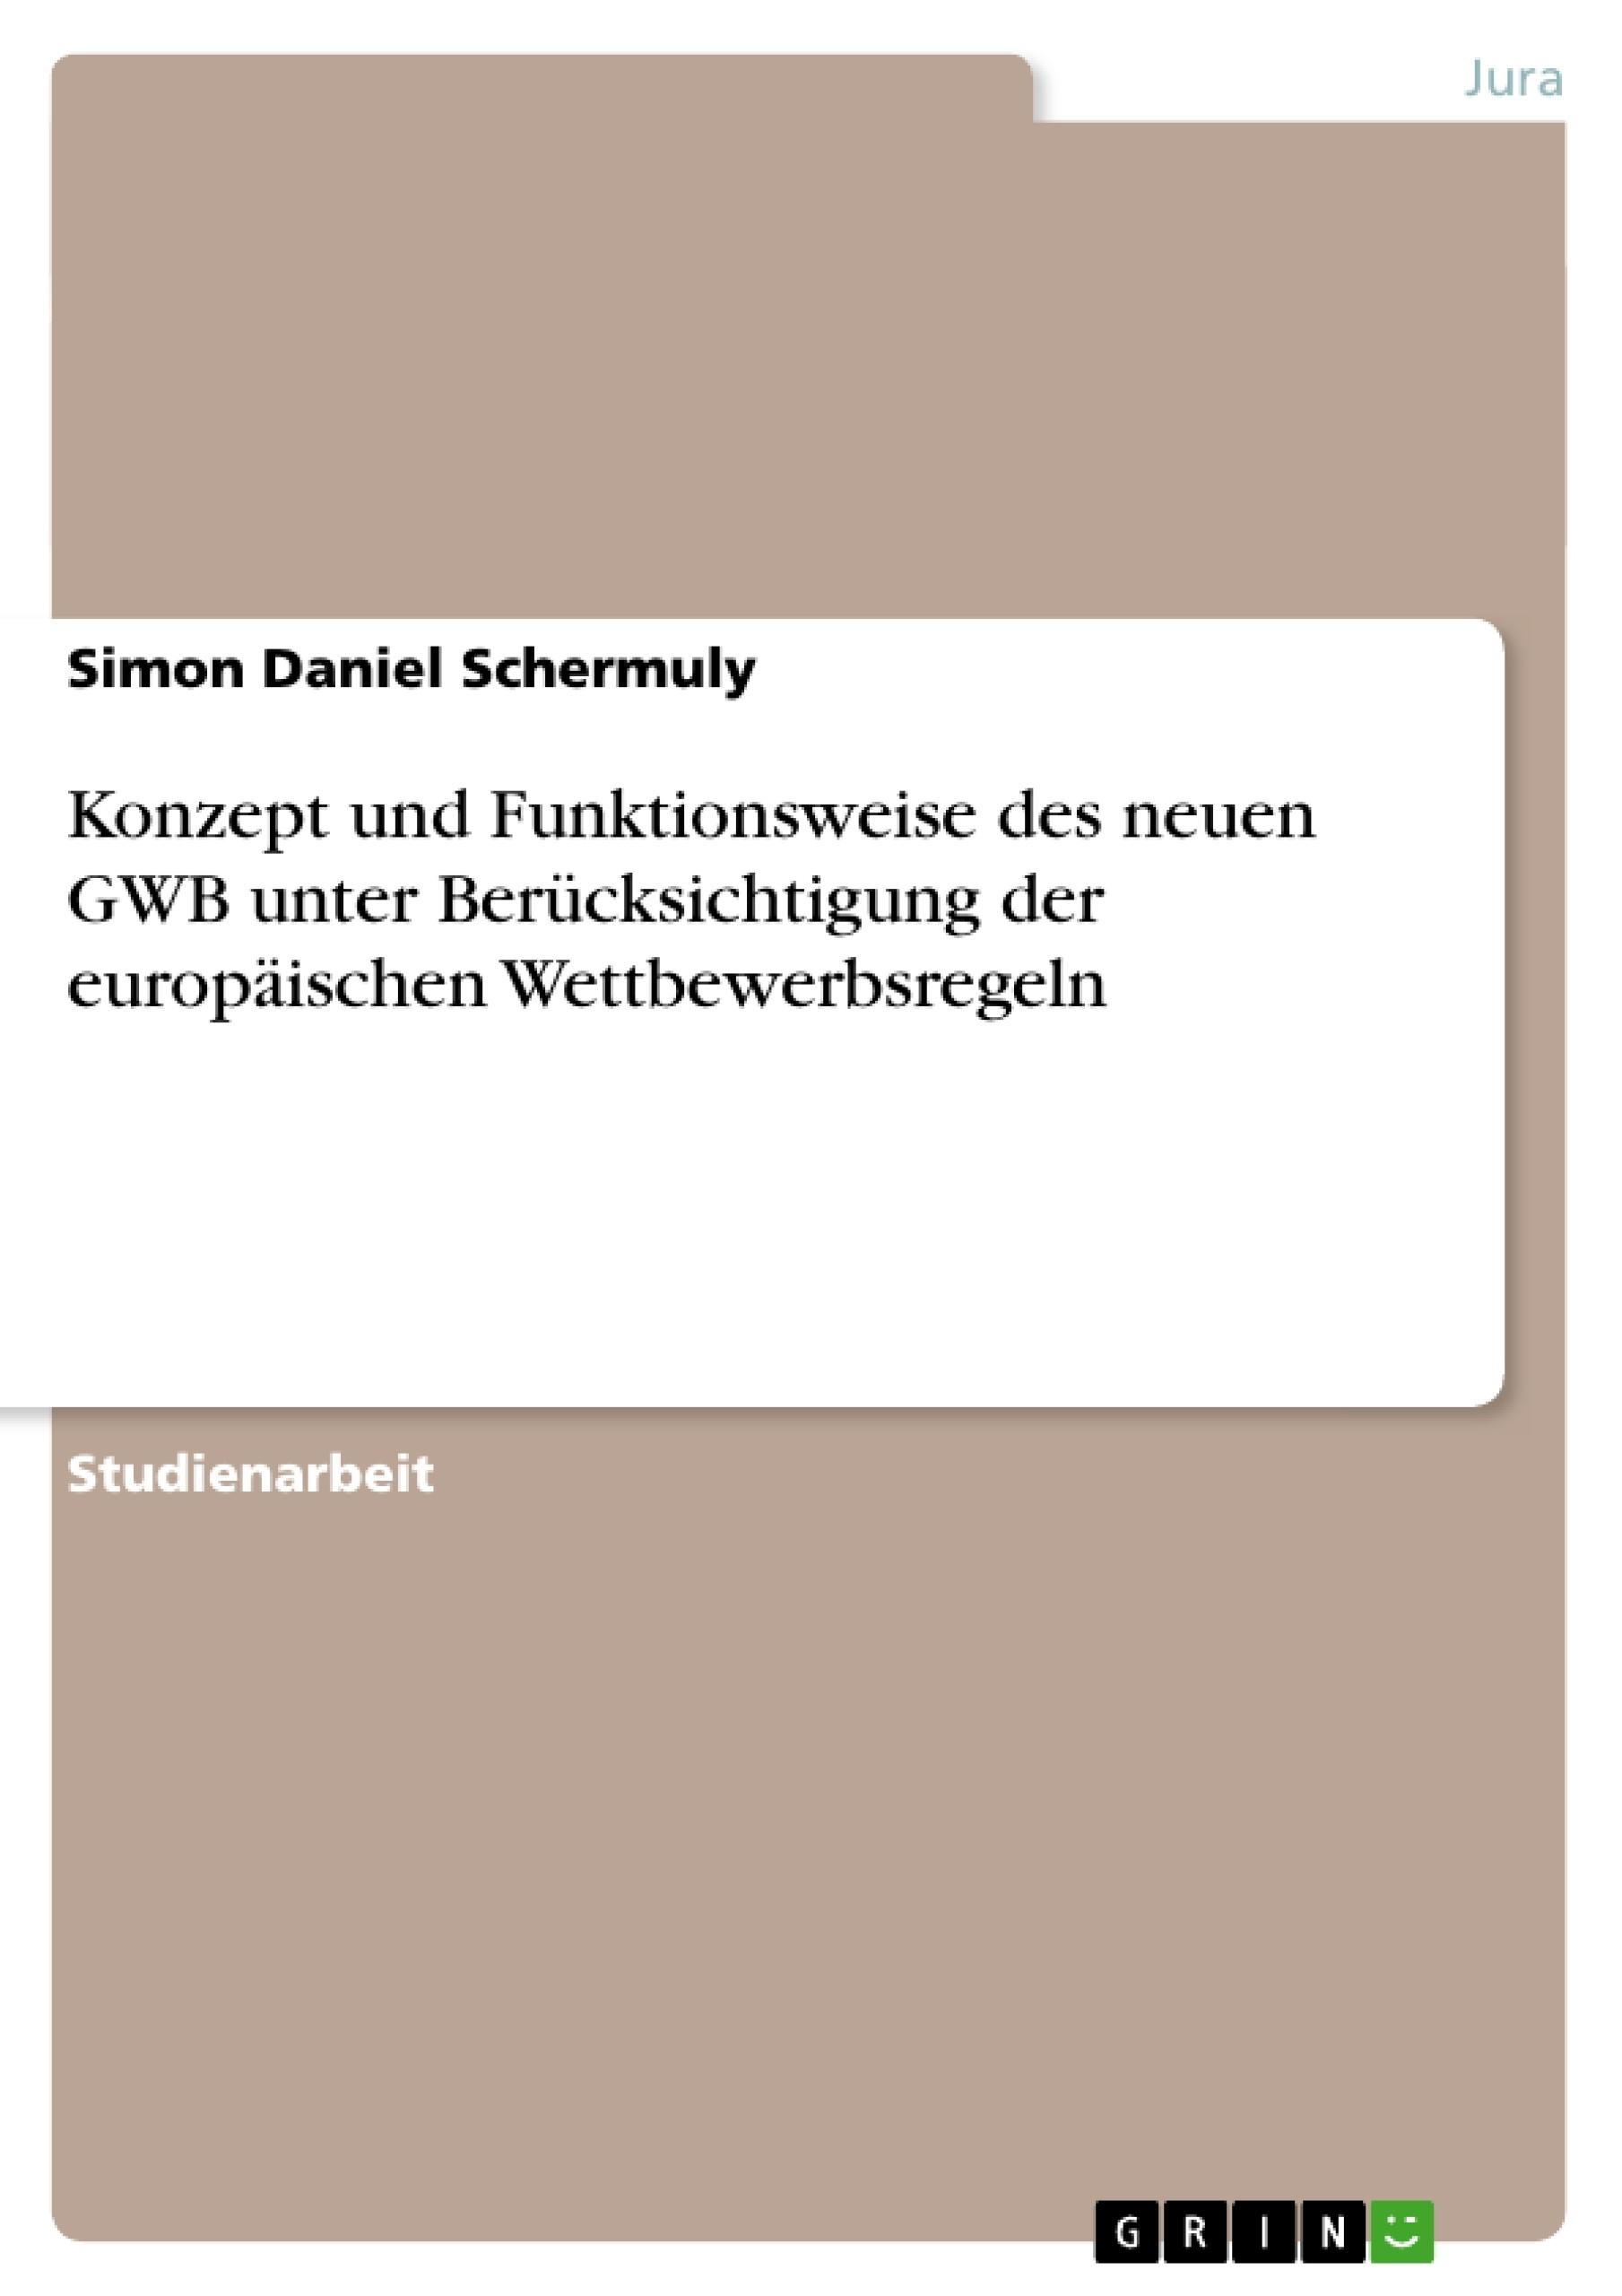 Titel: Konzept und Funktionsweise des neuen GWB unter Berücksichtigung der europäischen Wettbewerbsregeln